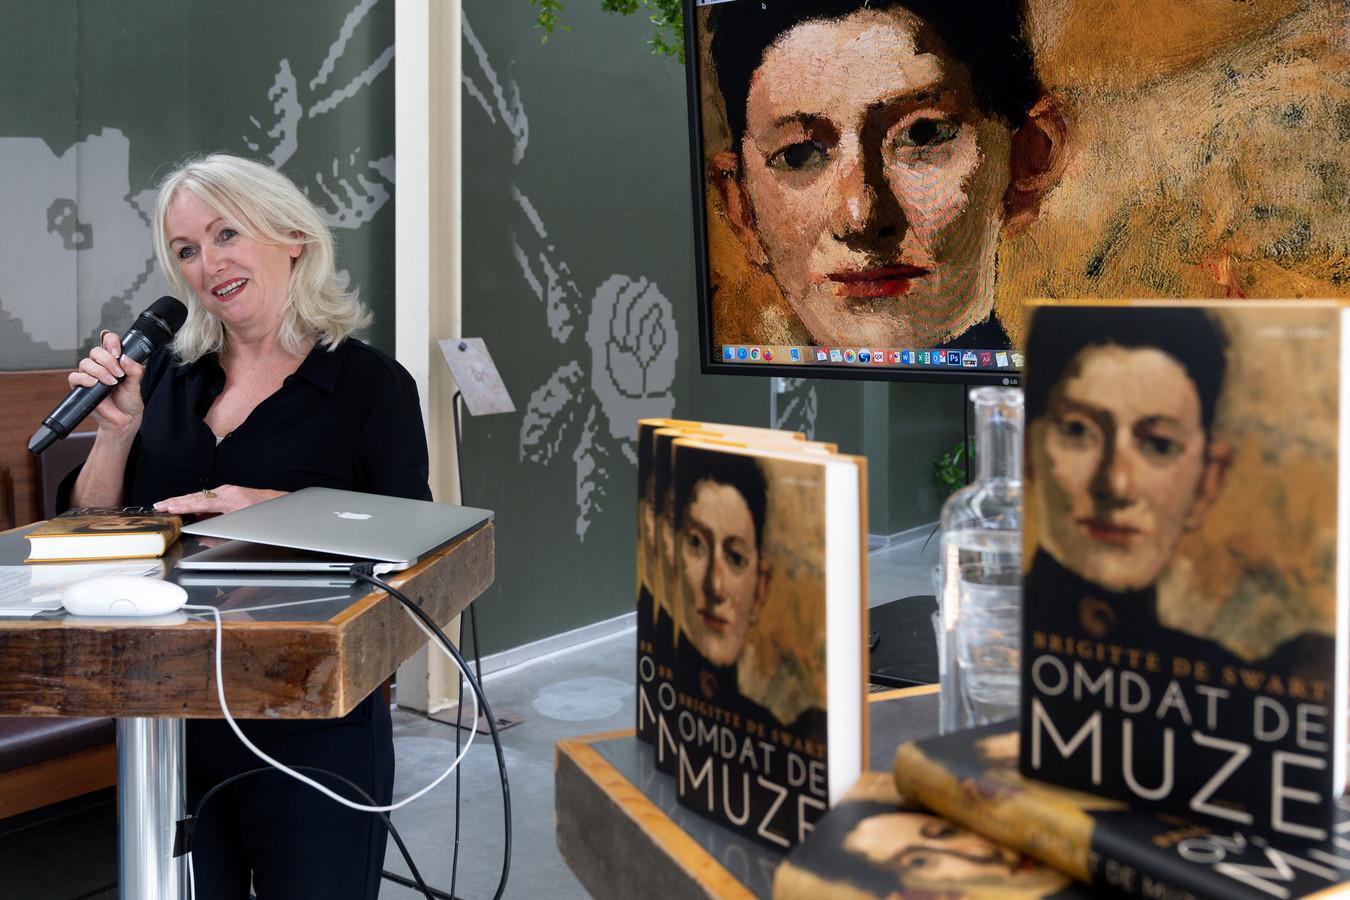 Brigitte de Swart geeft in haar roman 'Omdat de muze' in strakke taal zonder opsmuk een kleurrijk tijdsbeeld.